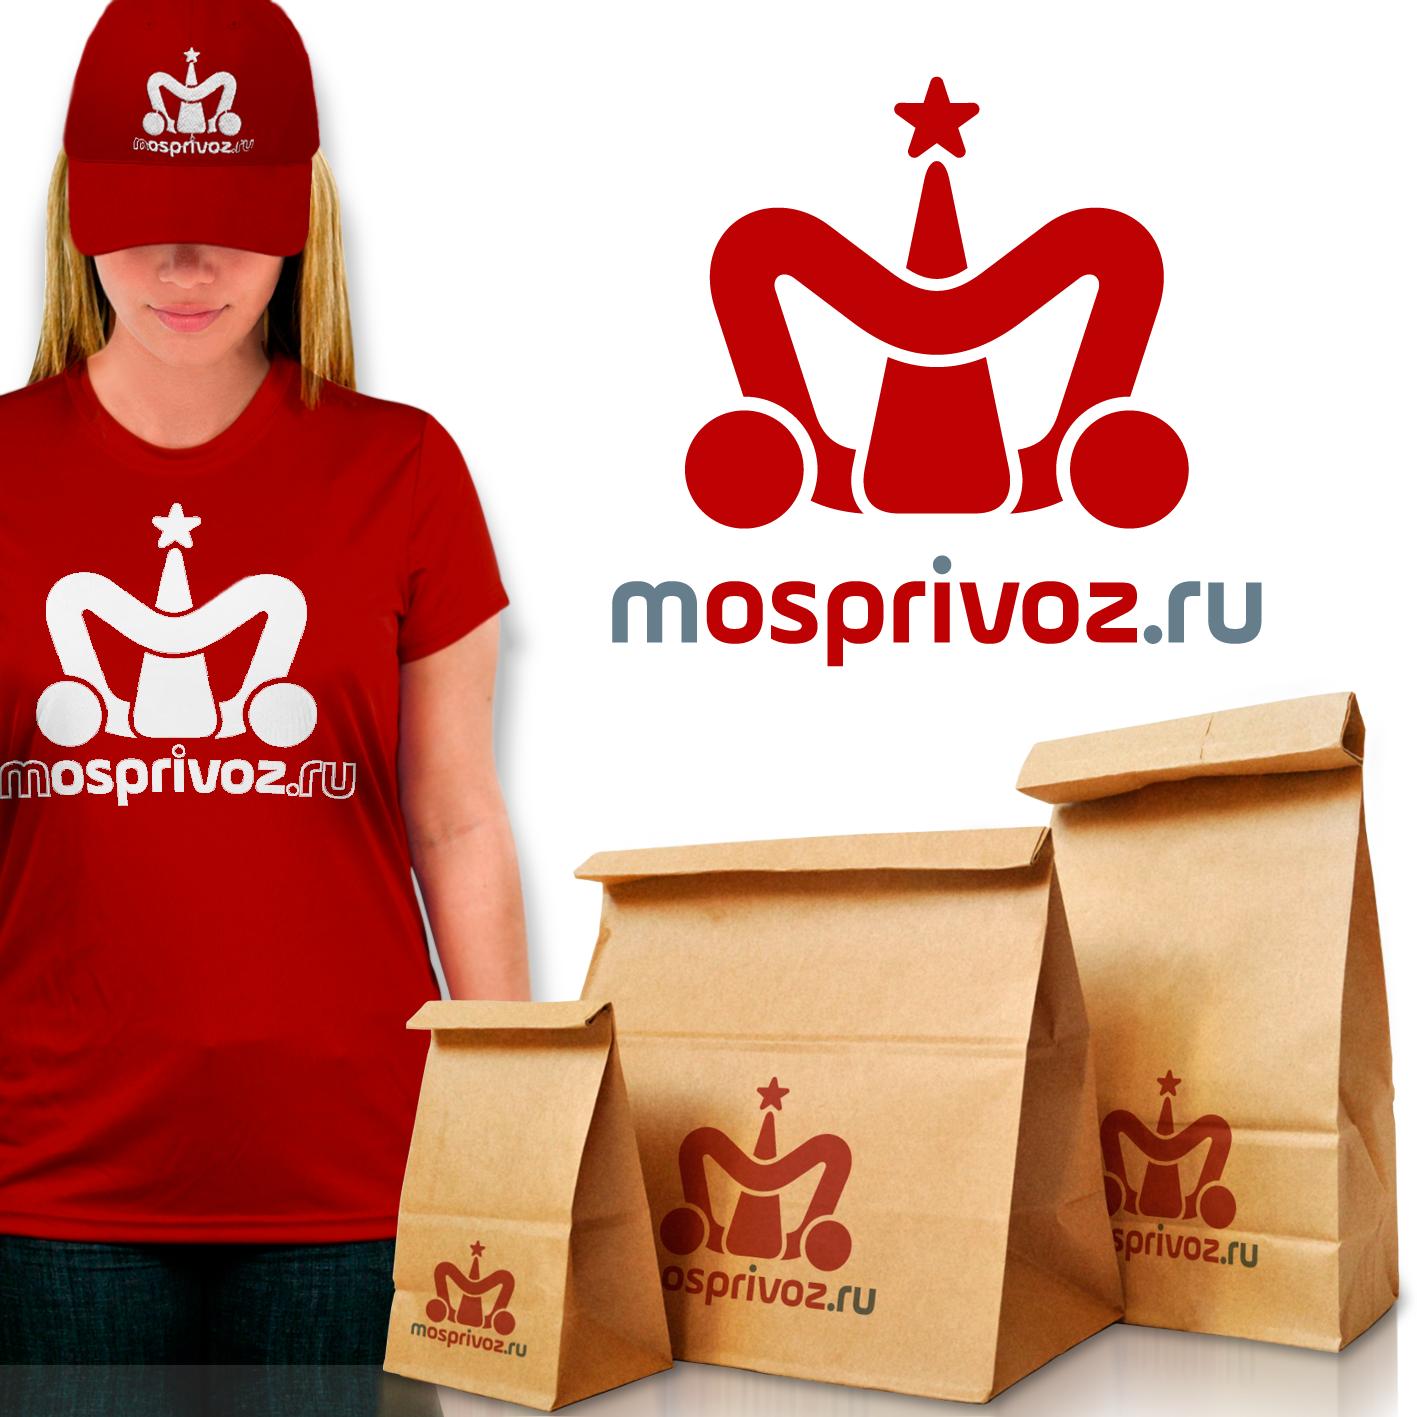 Логотип. Интернет - магазин по доставке продуктов питания. фото f_9565ad4f58056cb4.png